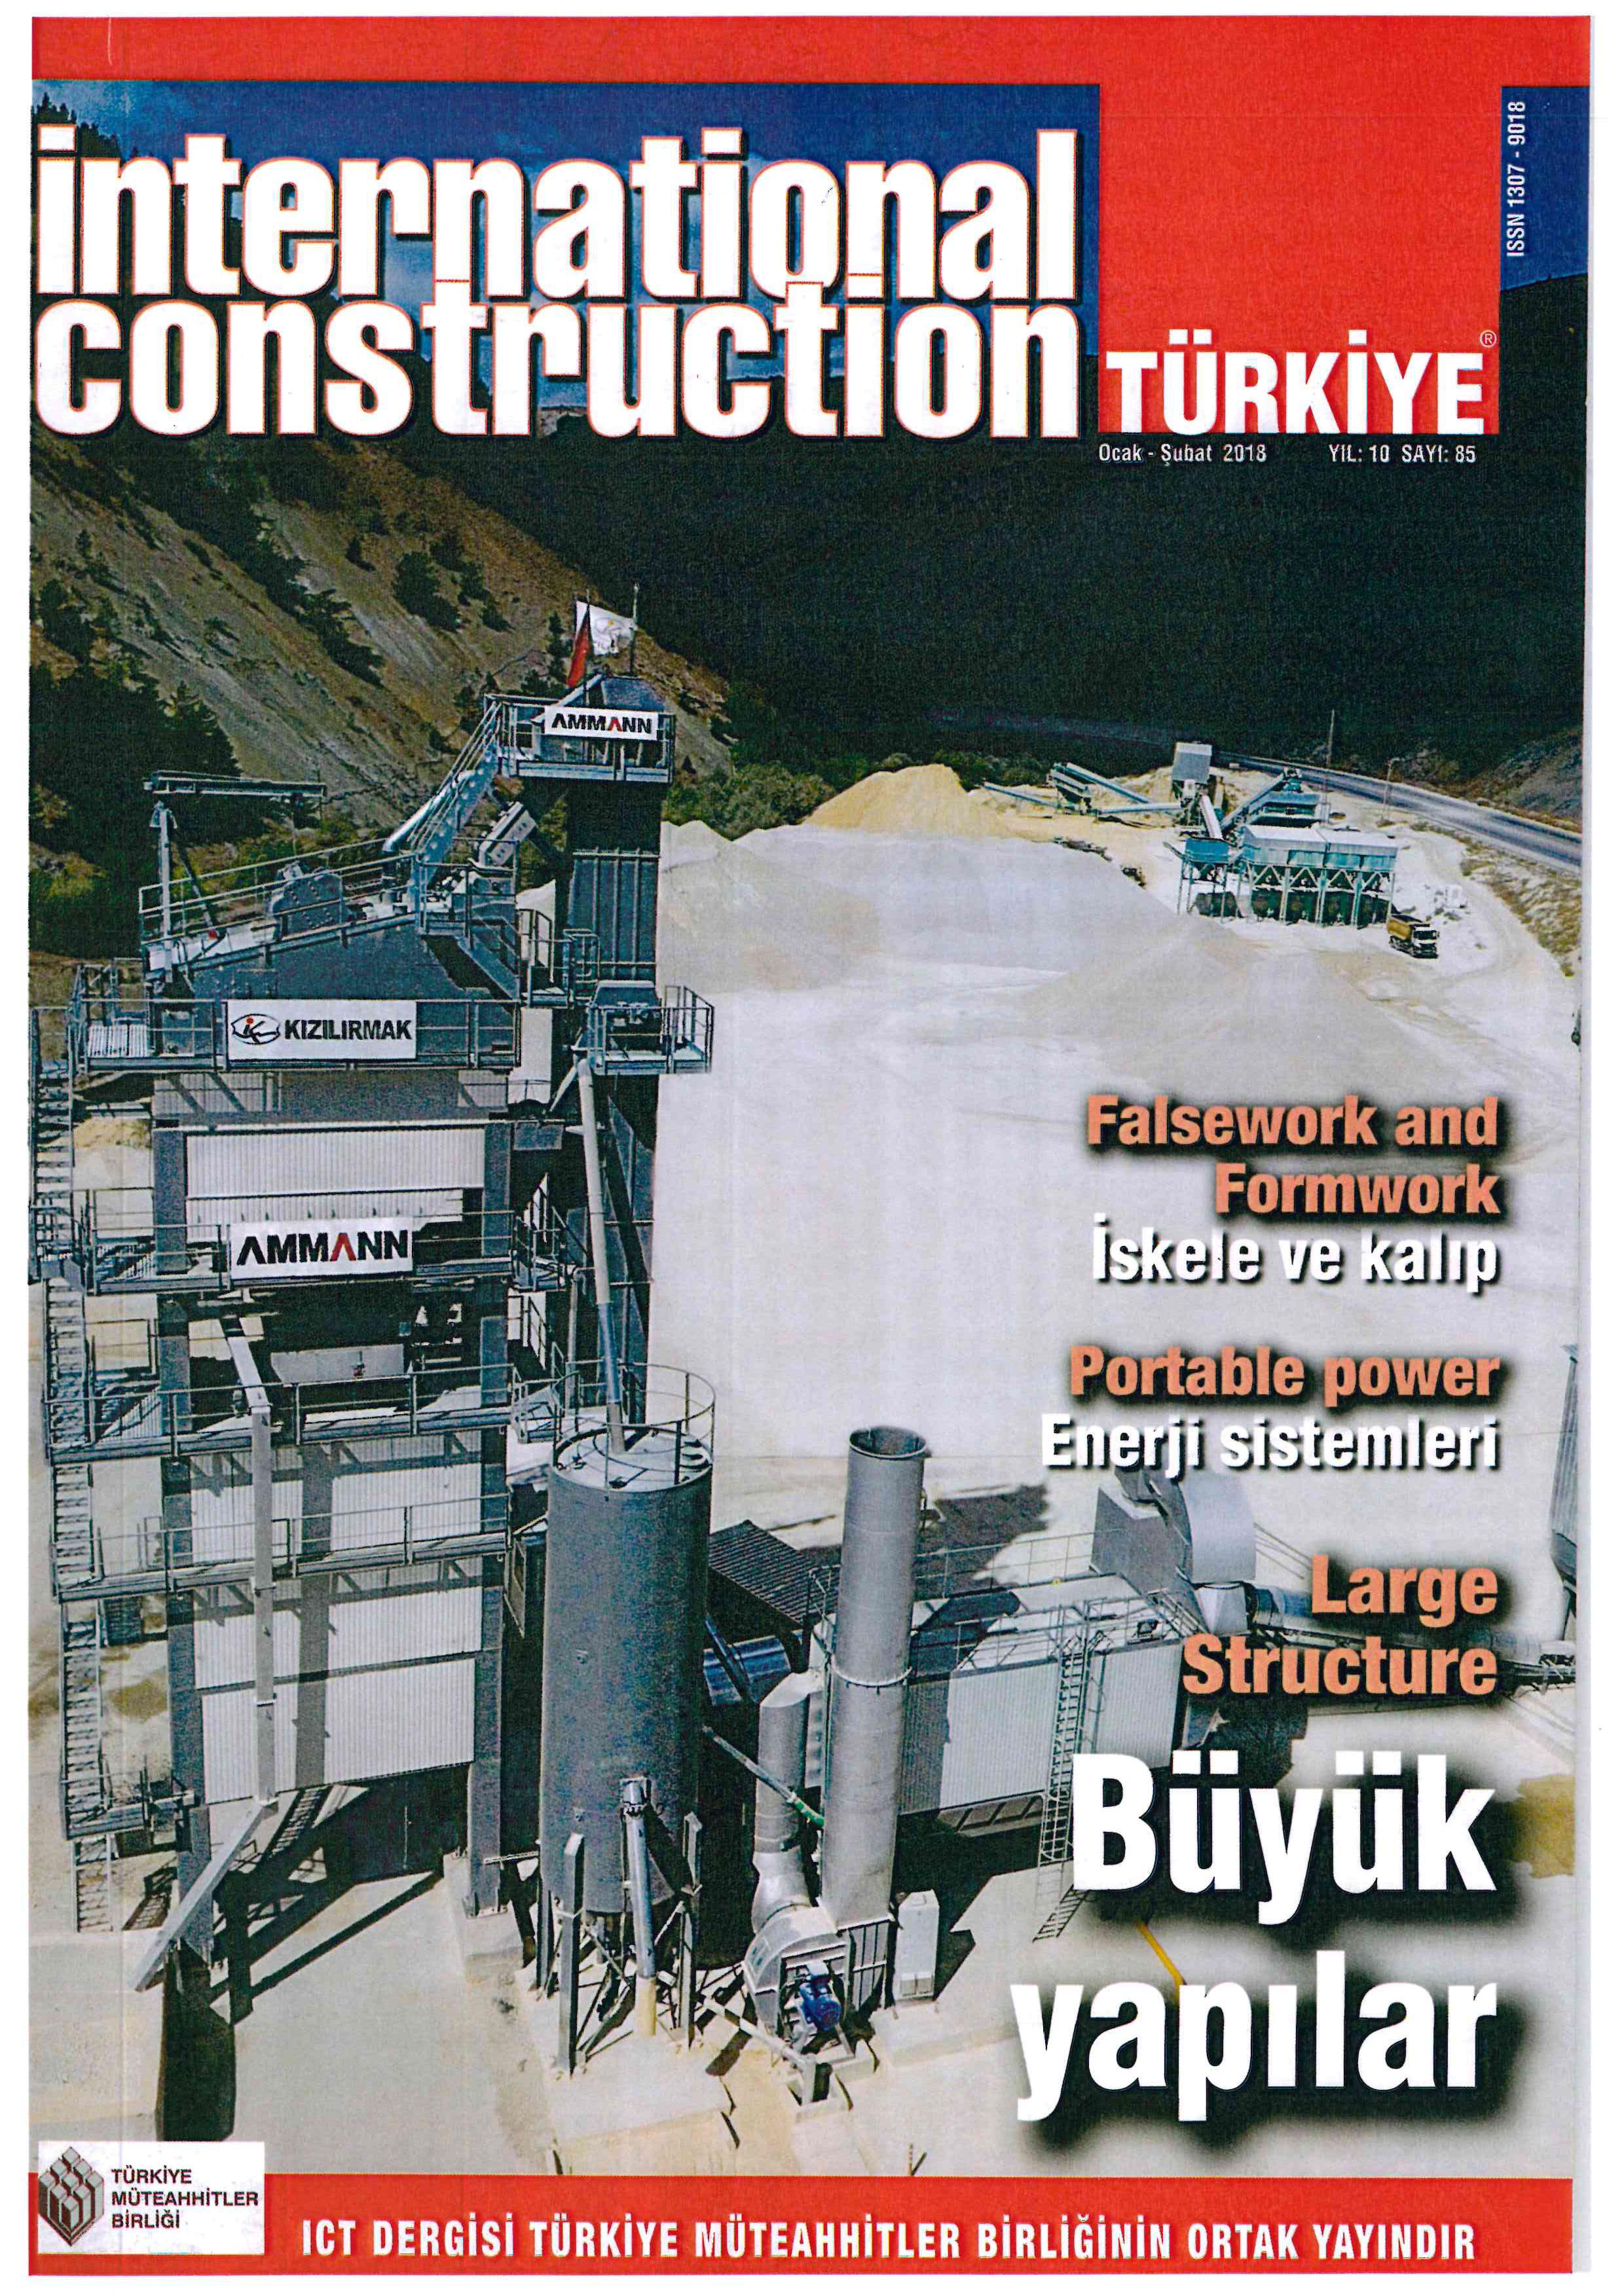 kızılırmak inşaat,kızılırmak,inşaat sektörü,dergi,büyük yapılar,yol,tünel,şantiye,international construction,türkiye,yol yapım,makina parkı